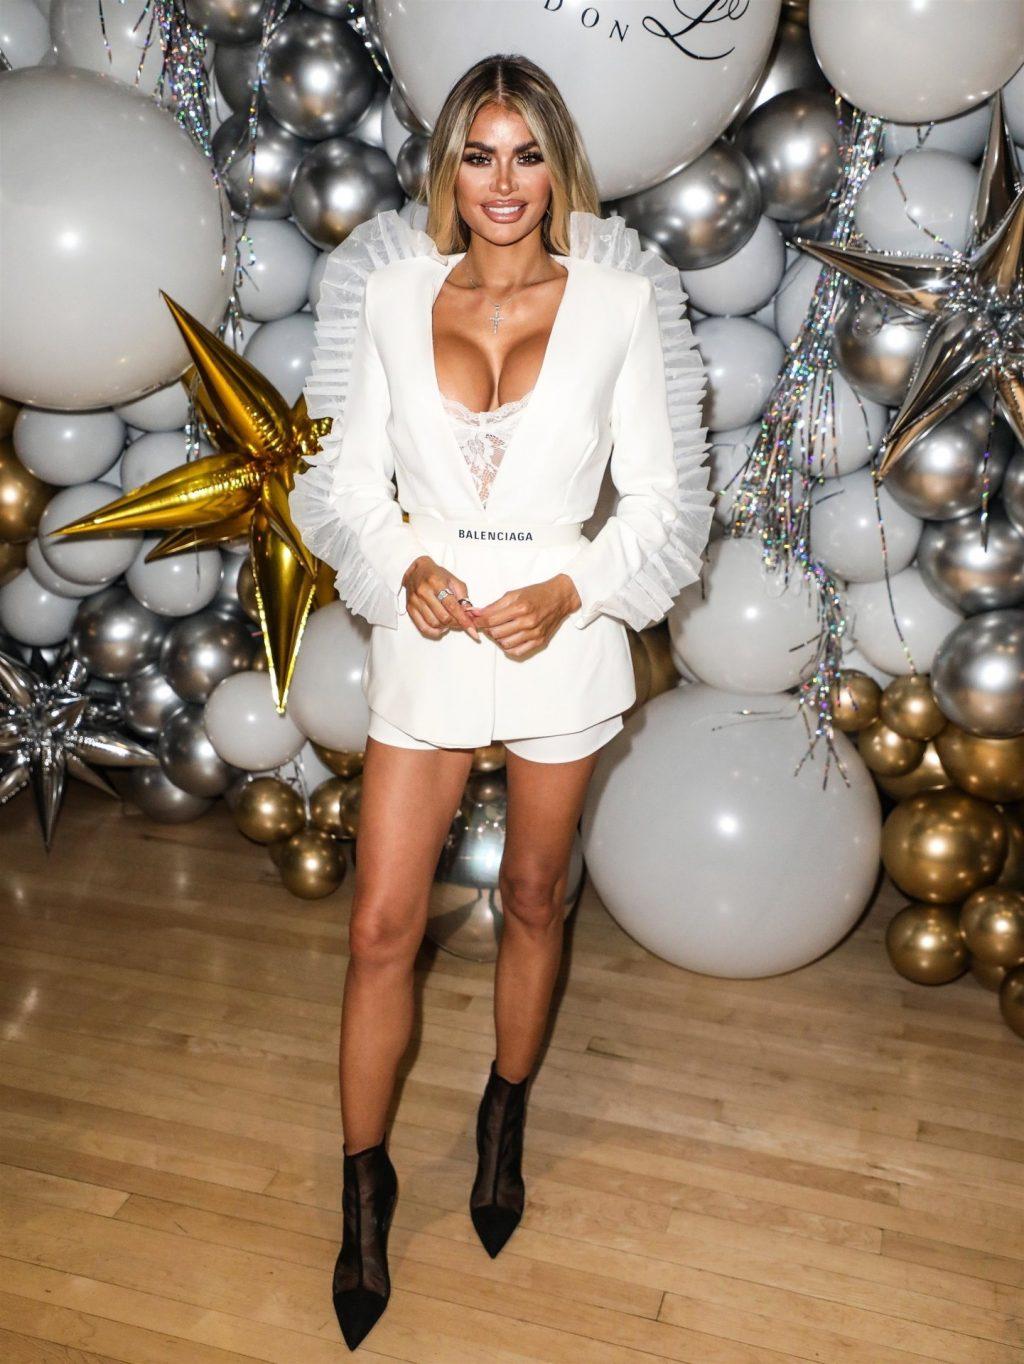 Chloe Sims Sexy (28 Photos + Video)